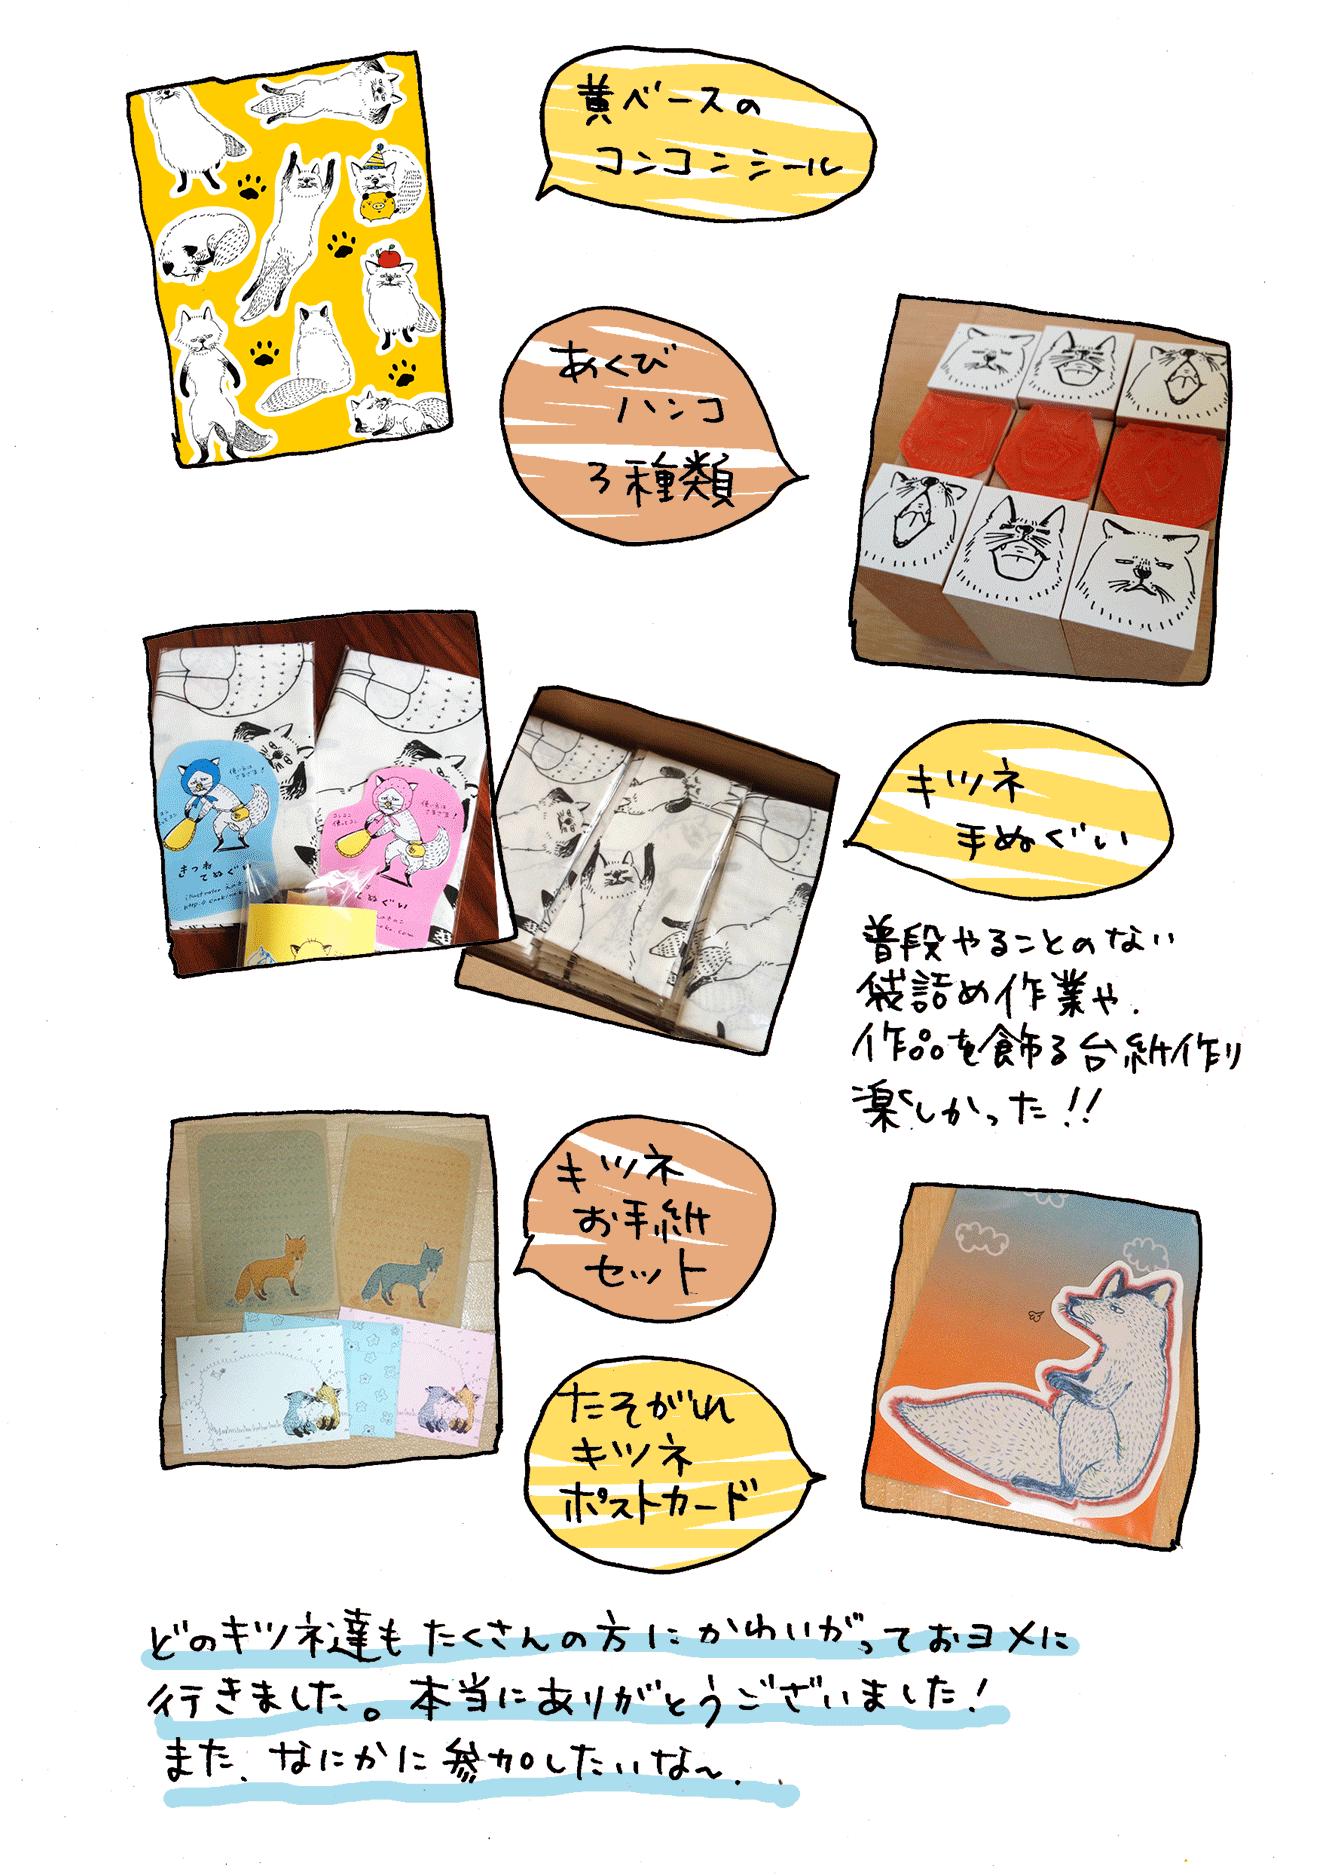 キツネ展 2015.5.14〜6.7に参加しました!